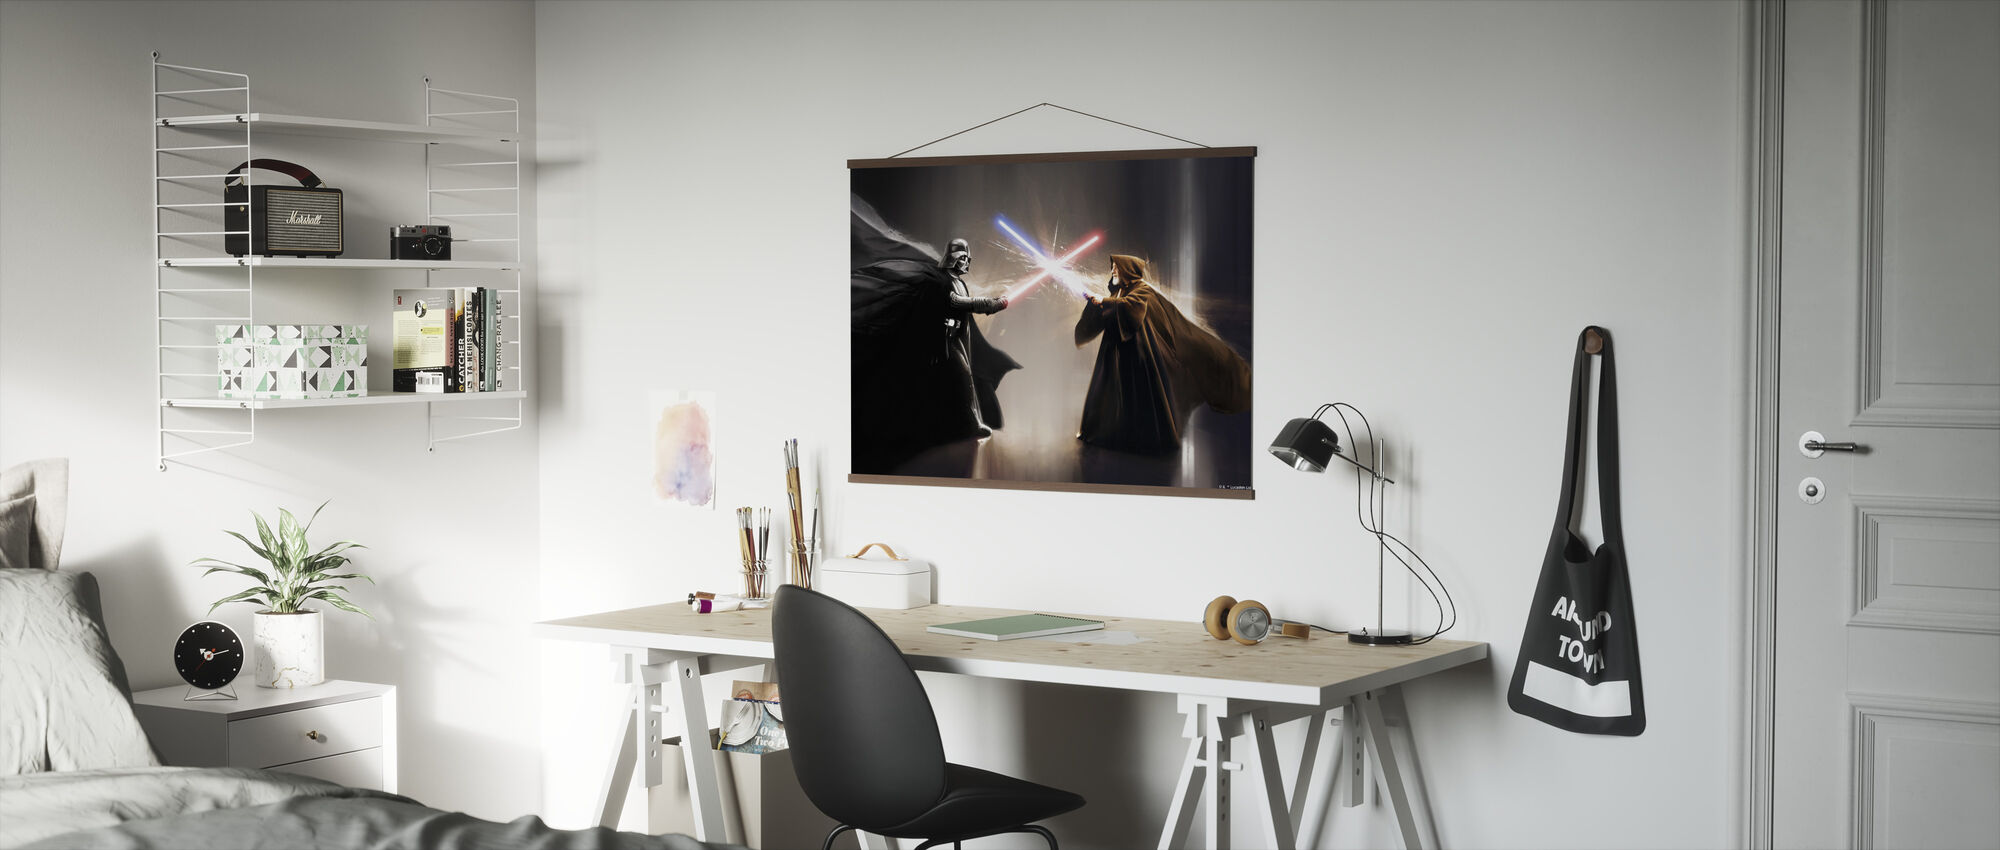 Tähtien sota - Darth Vader ja Obi-Wan Kenobi - Juliste - Toimisto